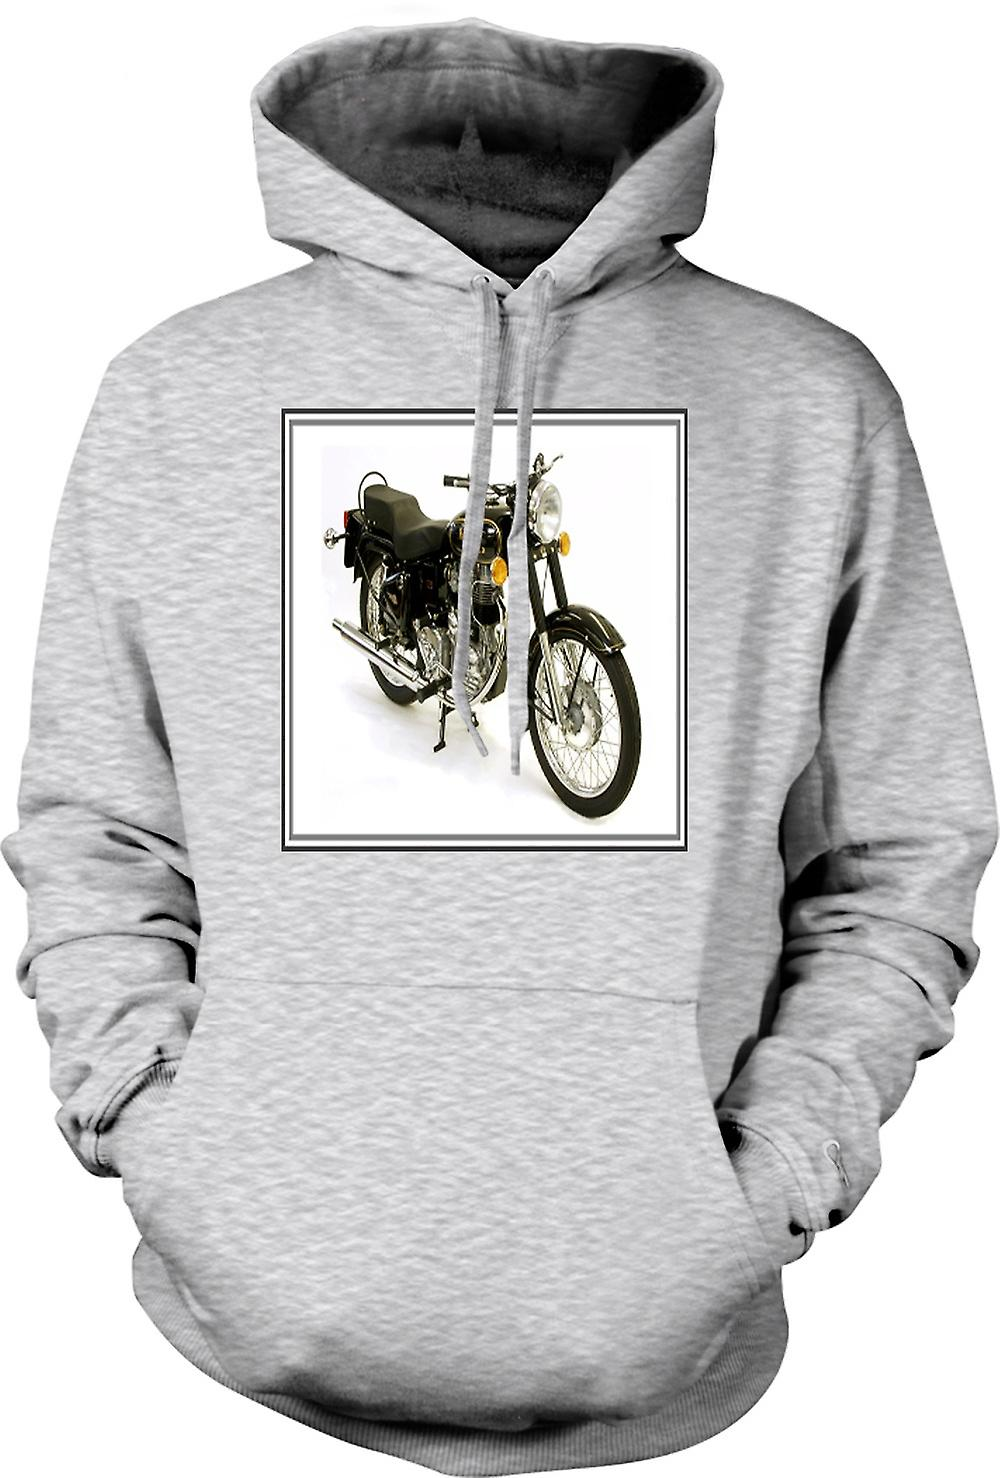 Herren Hoodie - Royal Enfield Bullet - Classic Bike